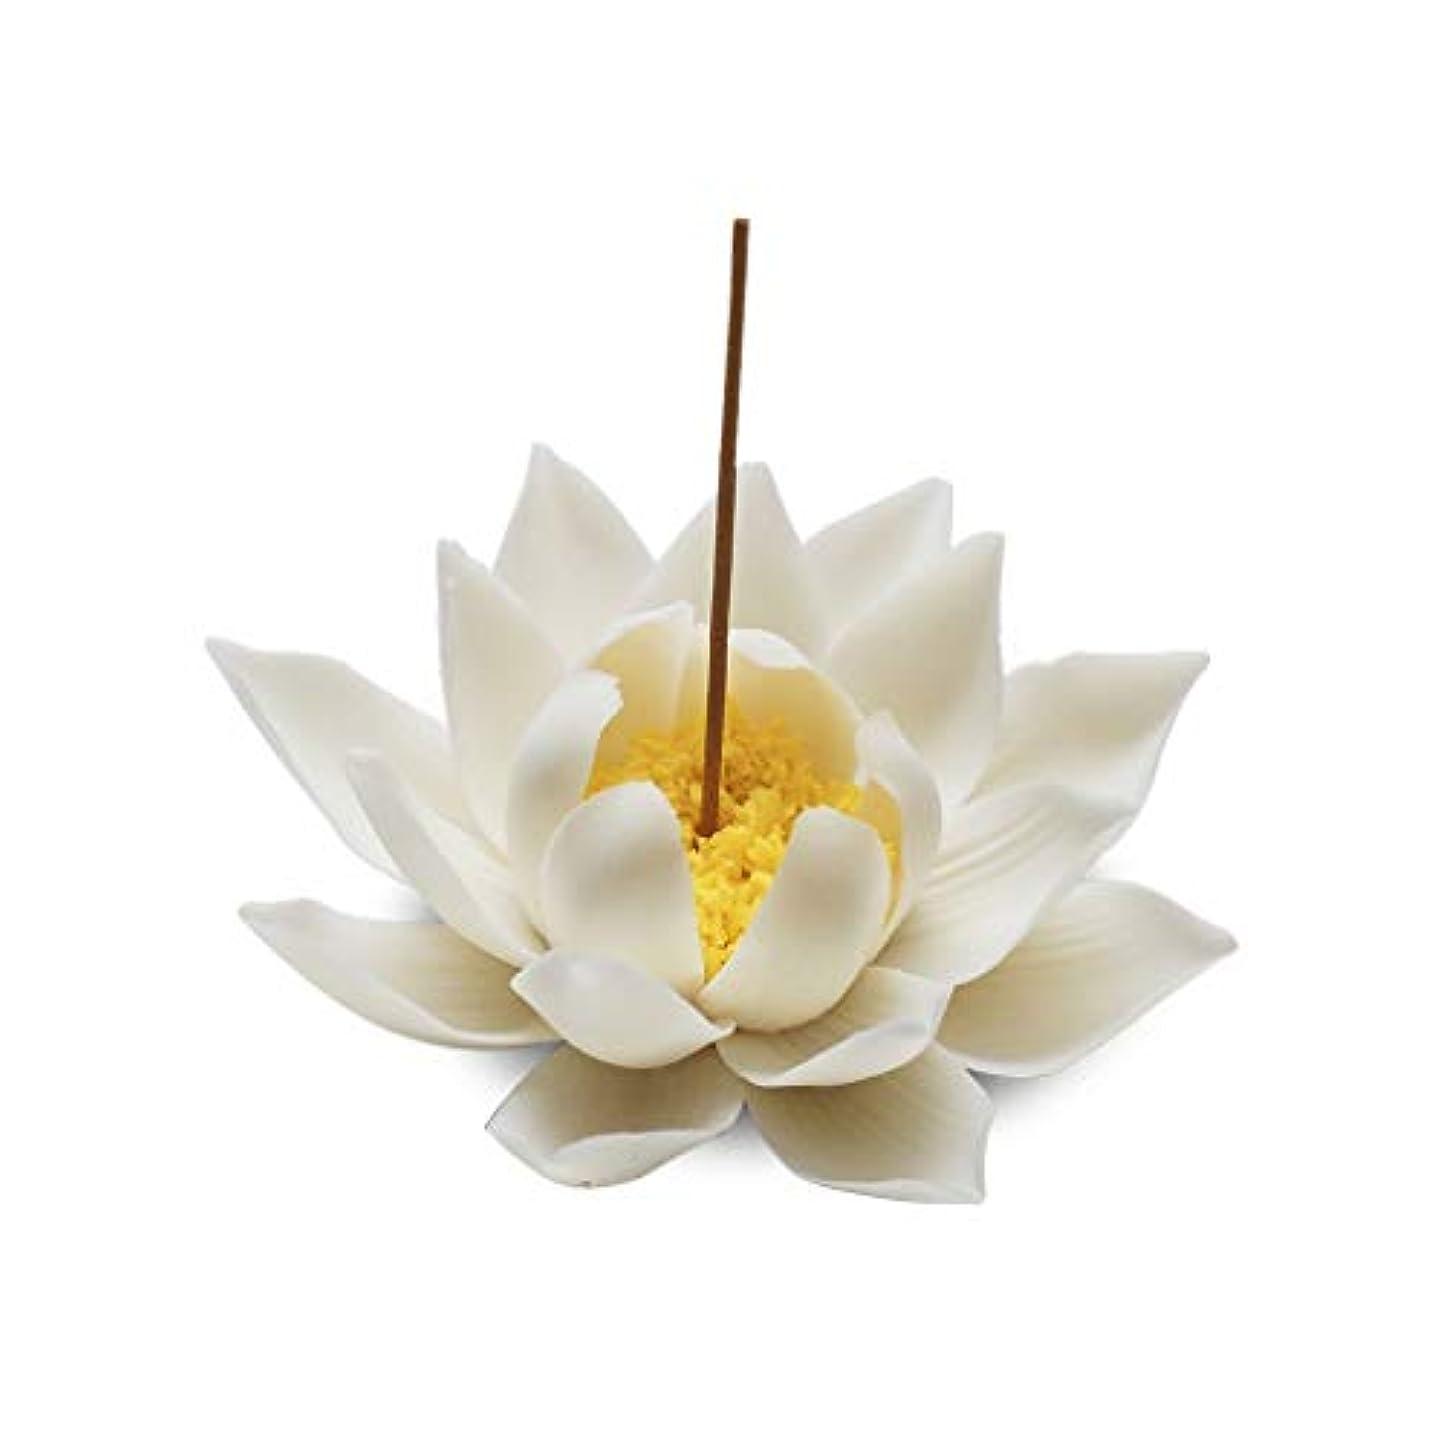 クリエイティブホーム蓮セラミック香バーナー挿入装飾品屋内ラインコイル香炉白檀香ホルダー (サイズ : 3.54*1.37inchs)